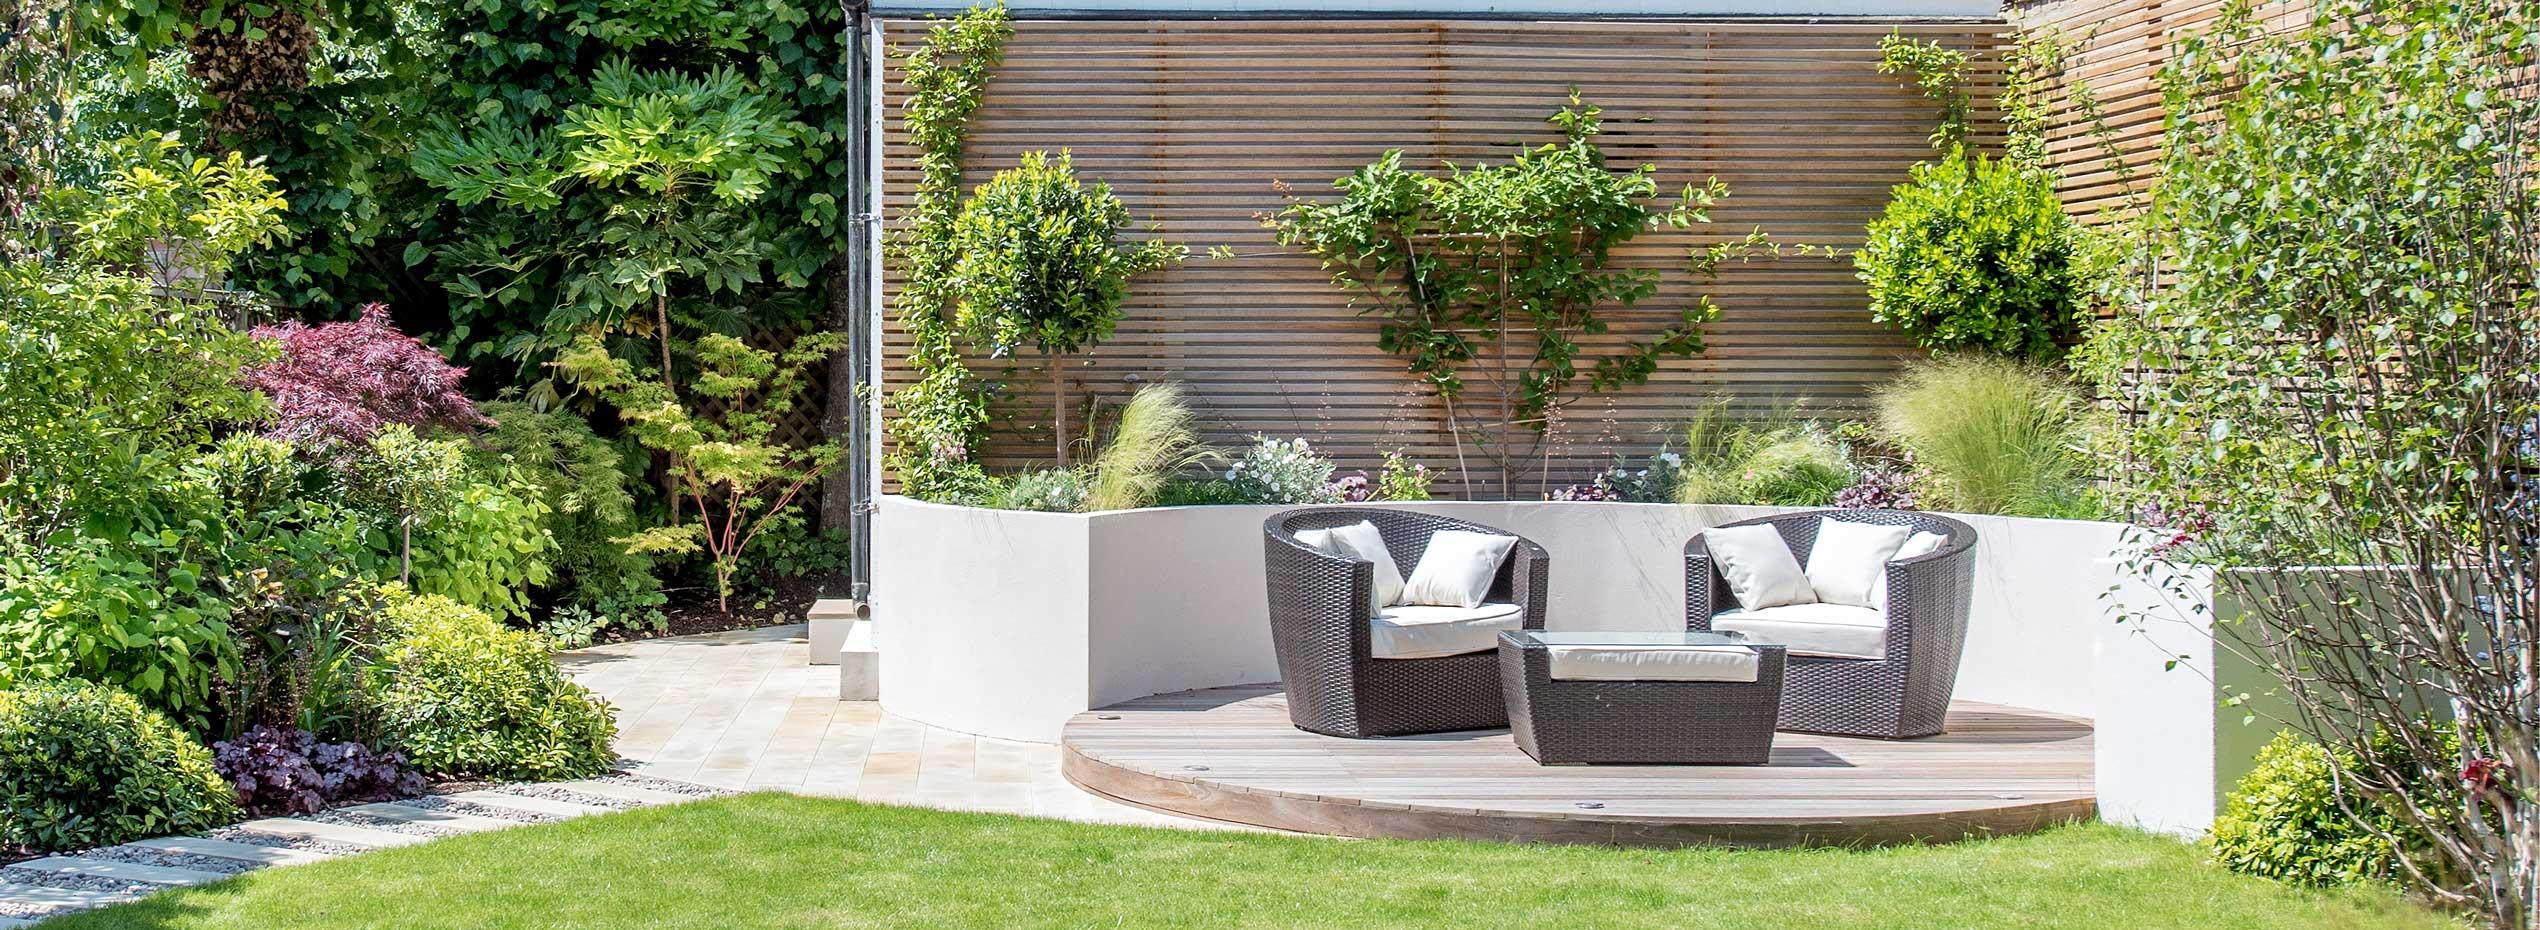 Garden Design In London Ideas